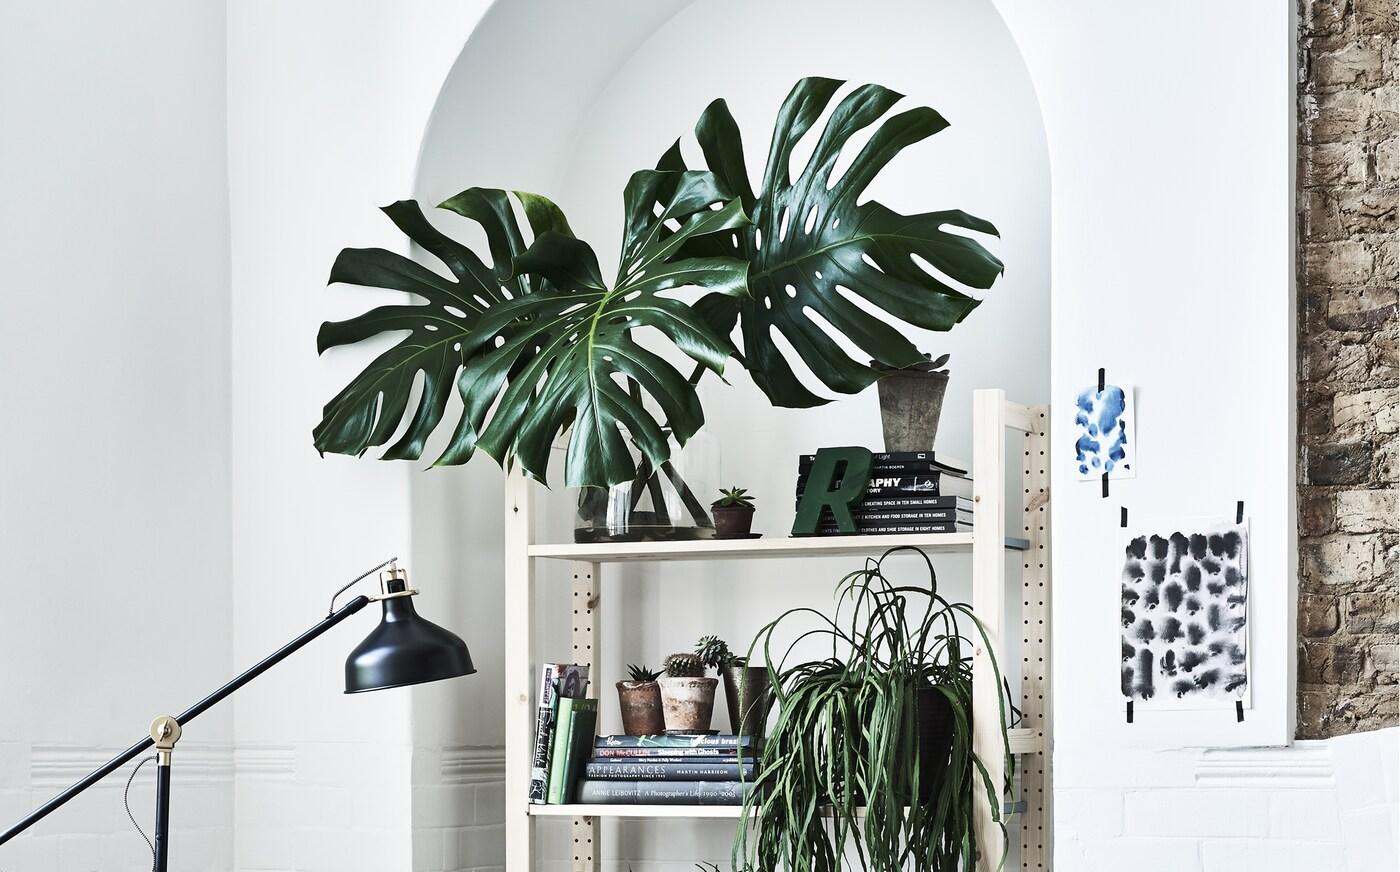 Idee Per Un Giardino Interno Indoor Garden Idee Ikea